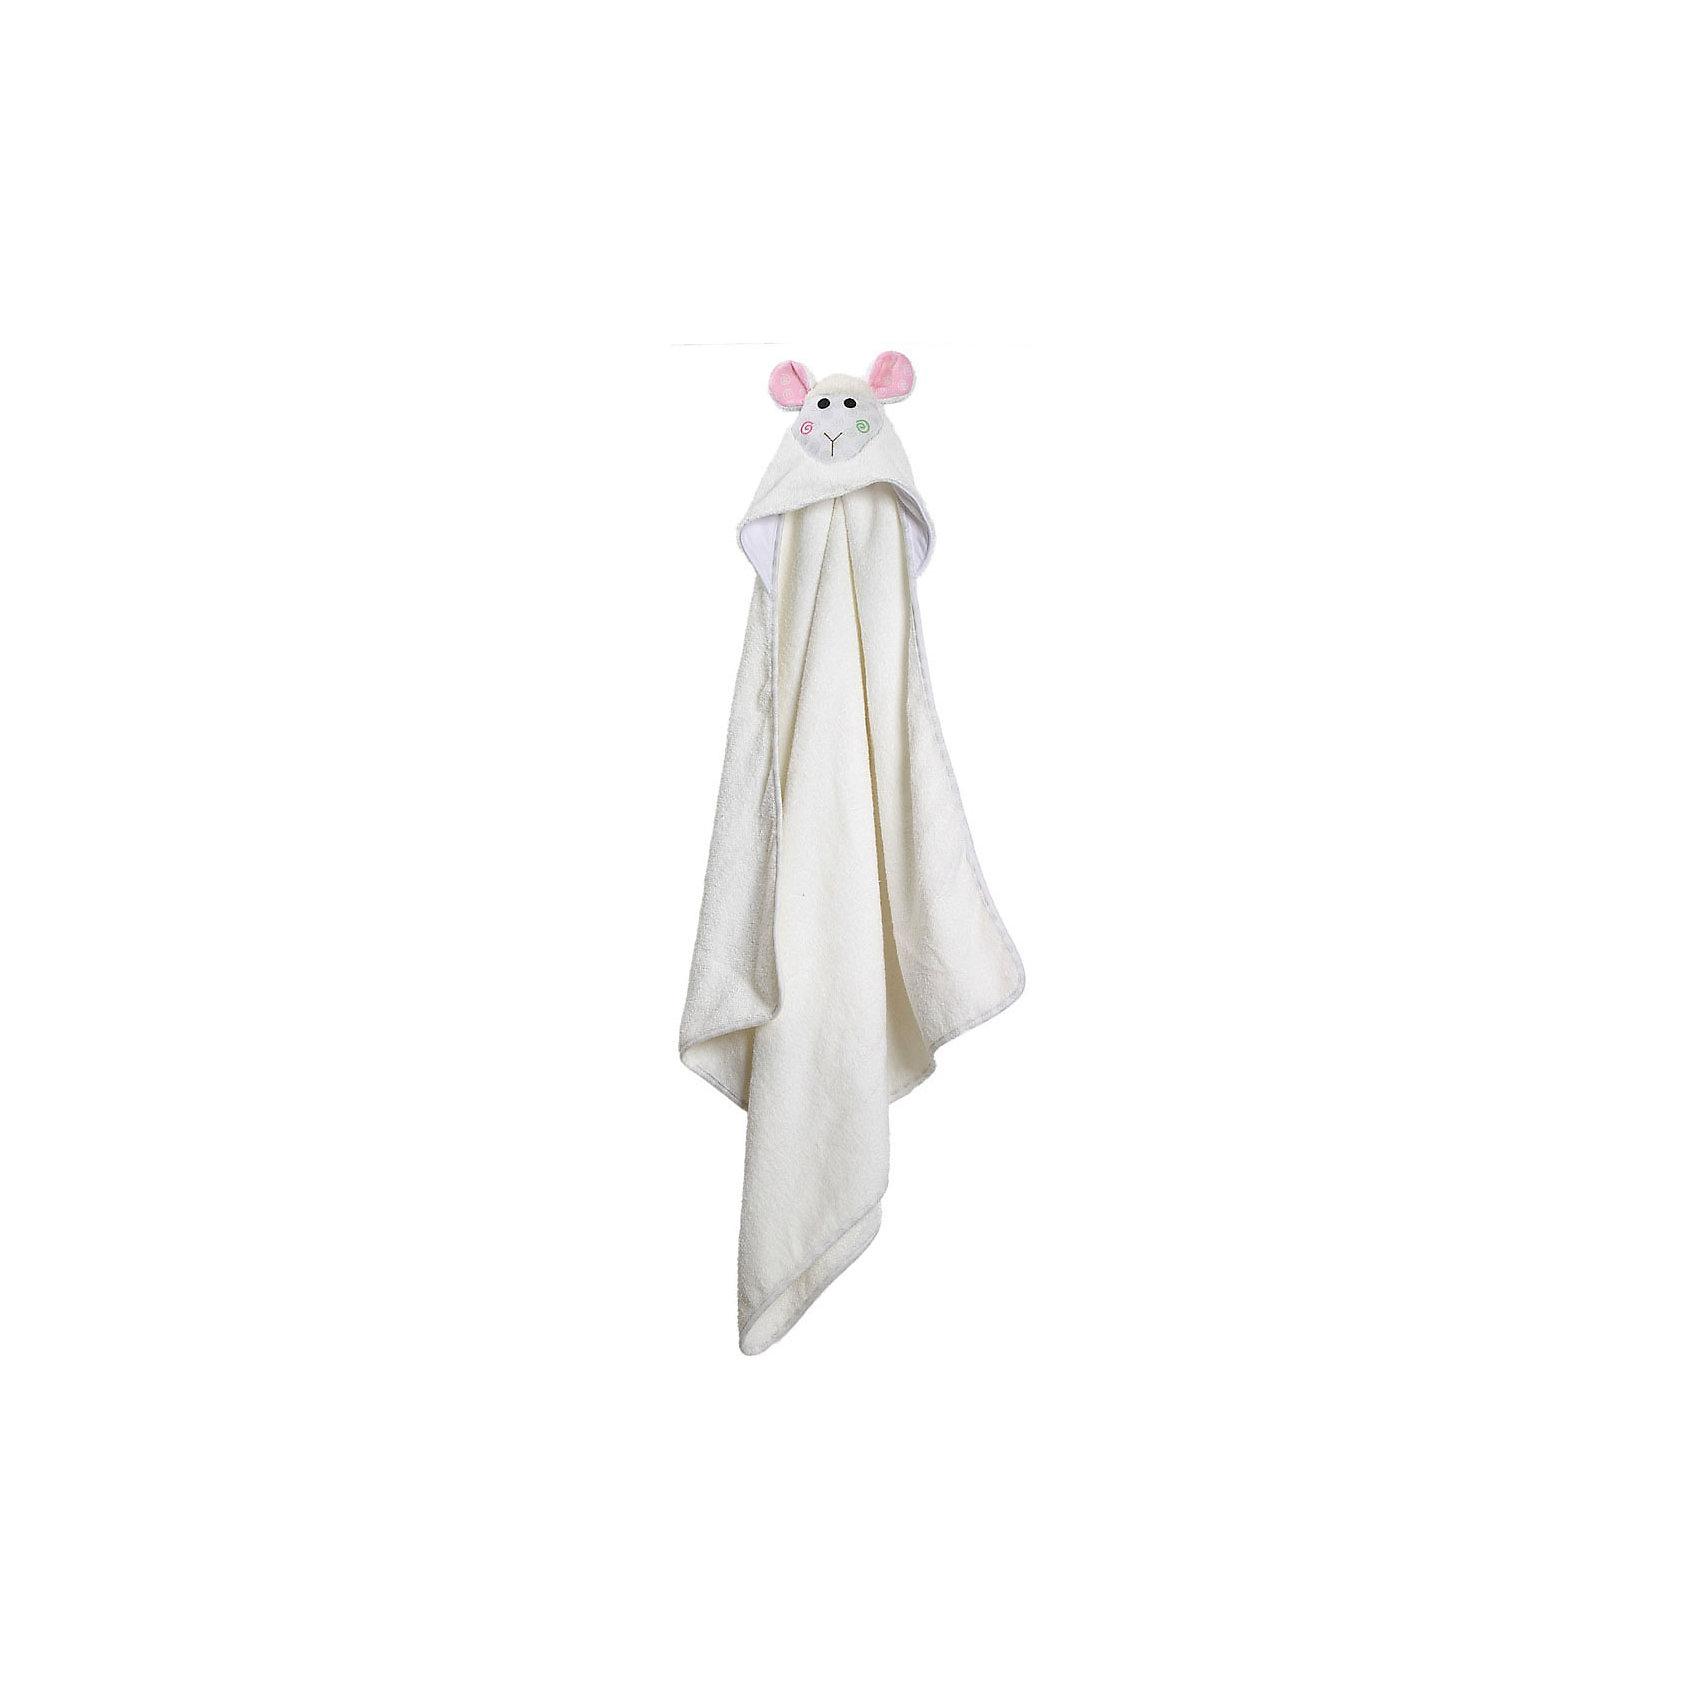 ��������� � ��������� Lola the Lamb (0-18 ���.), Zoocchini